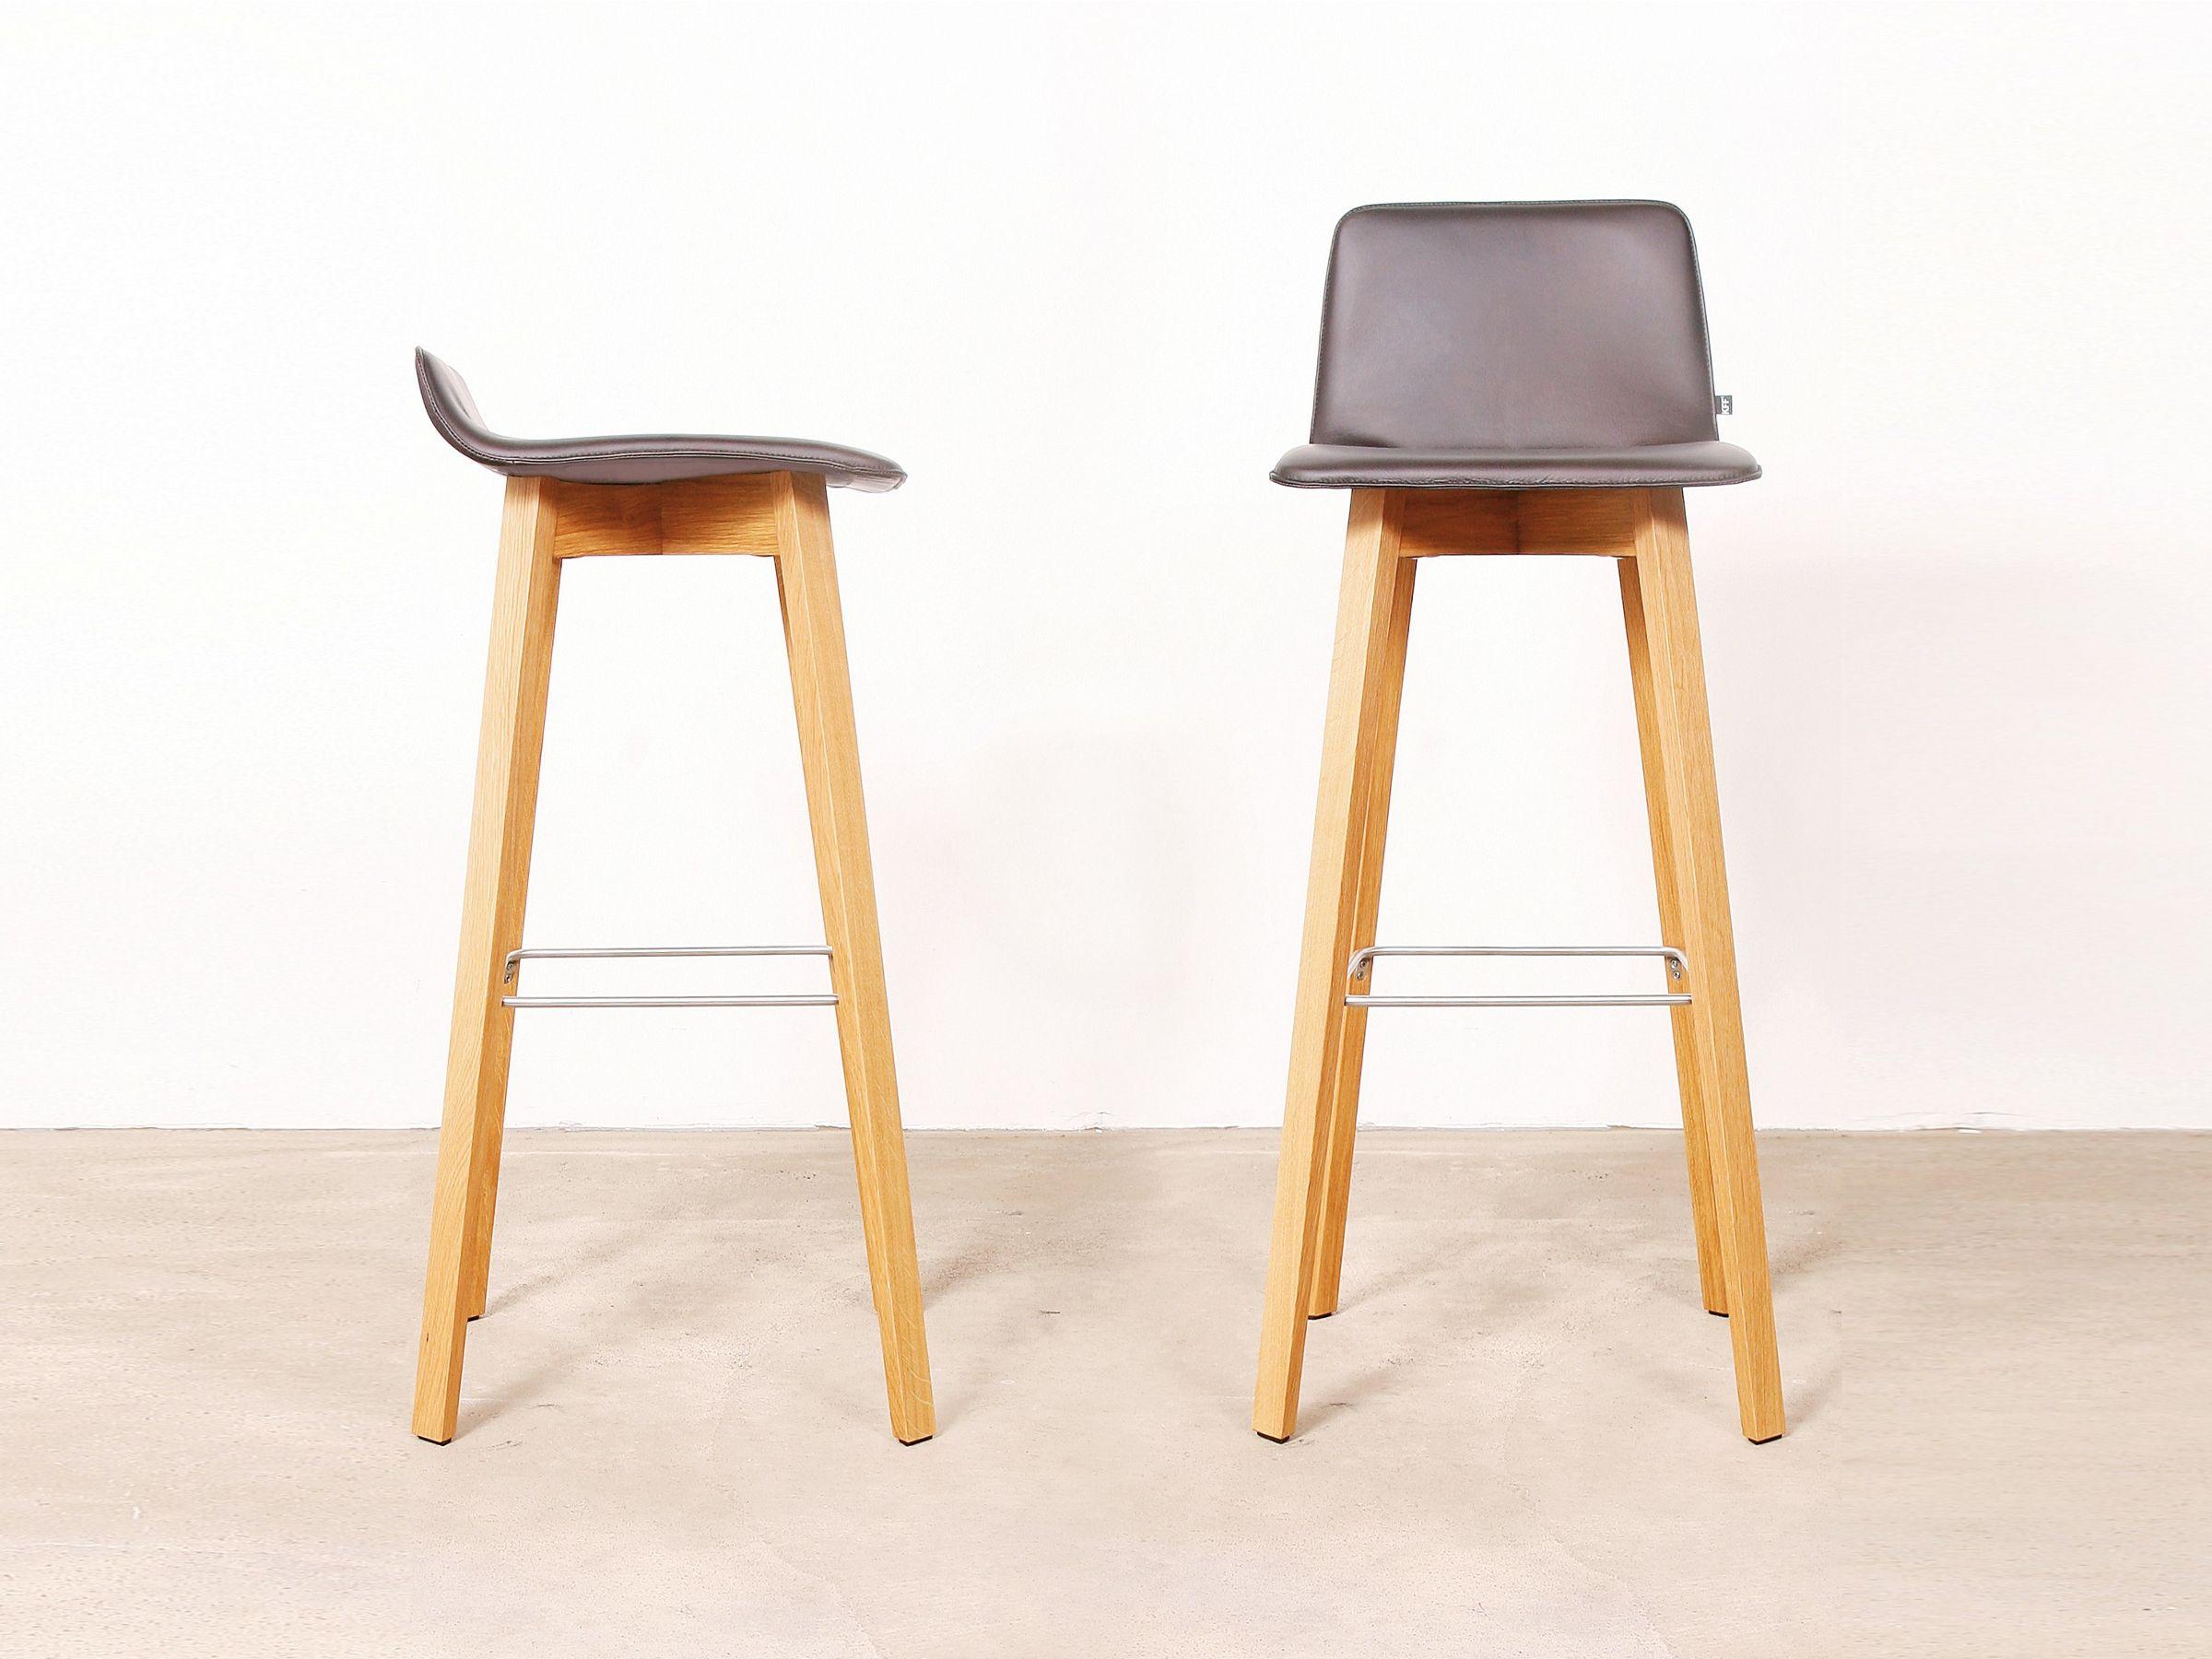 maverick hocker aus leder by kff design birgit hoffmann. Black Bedroom Furniture Sets. Home Design Ideas